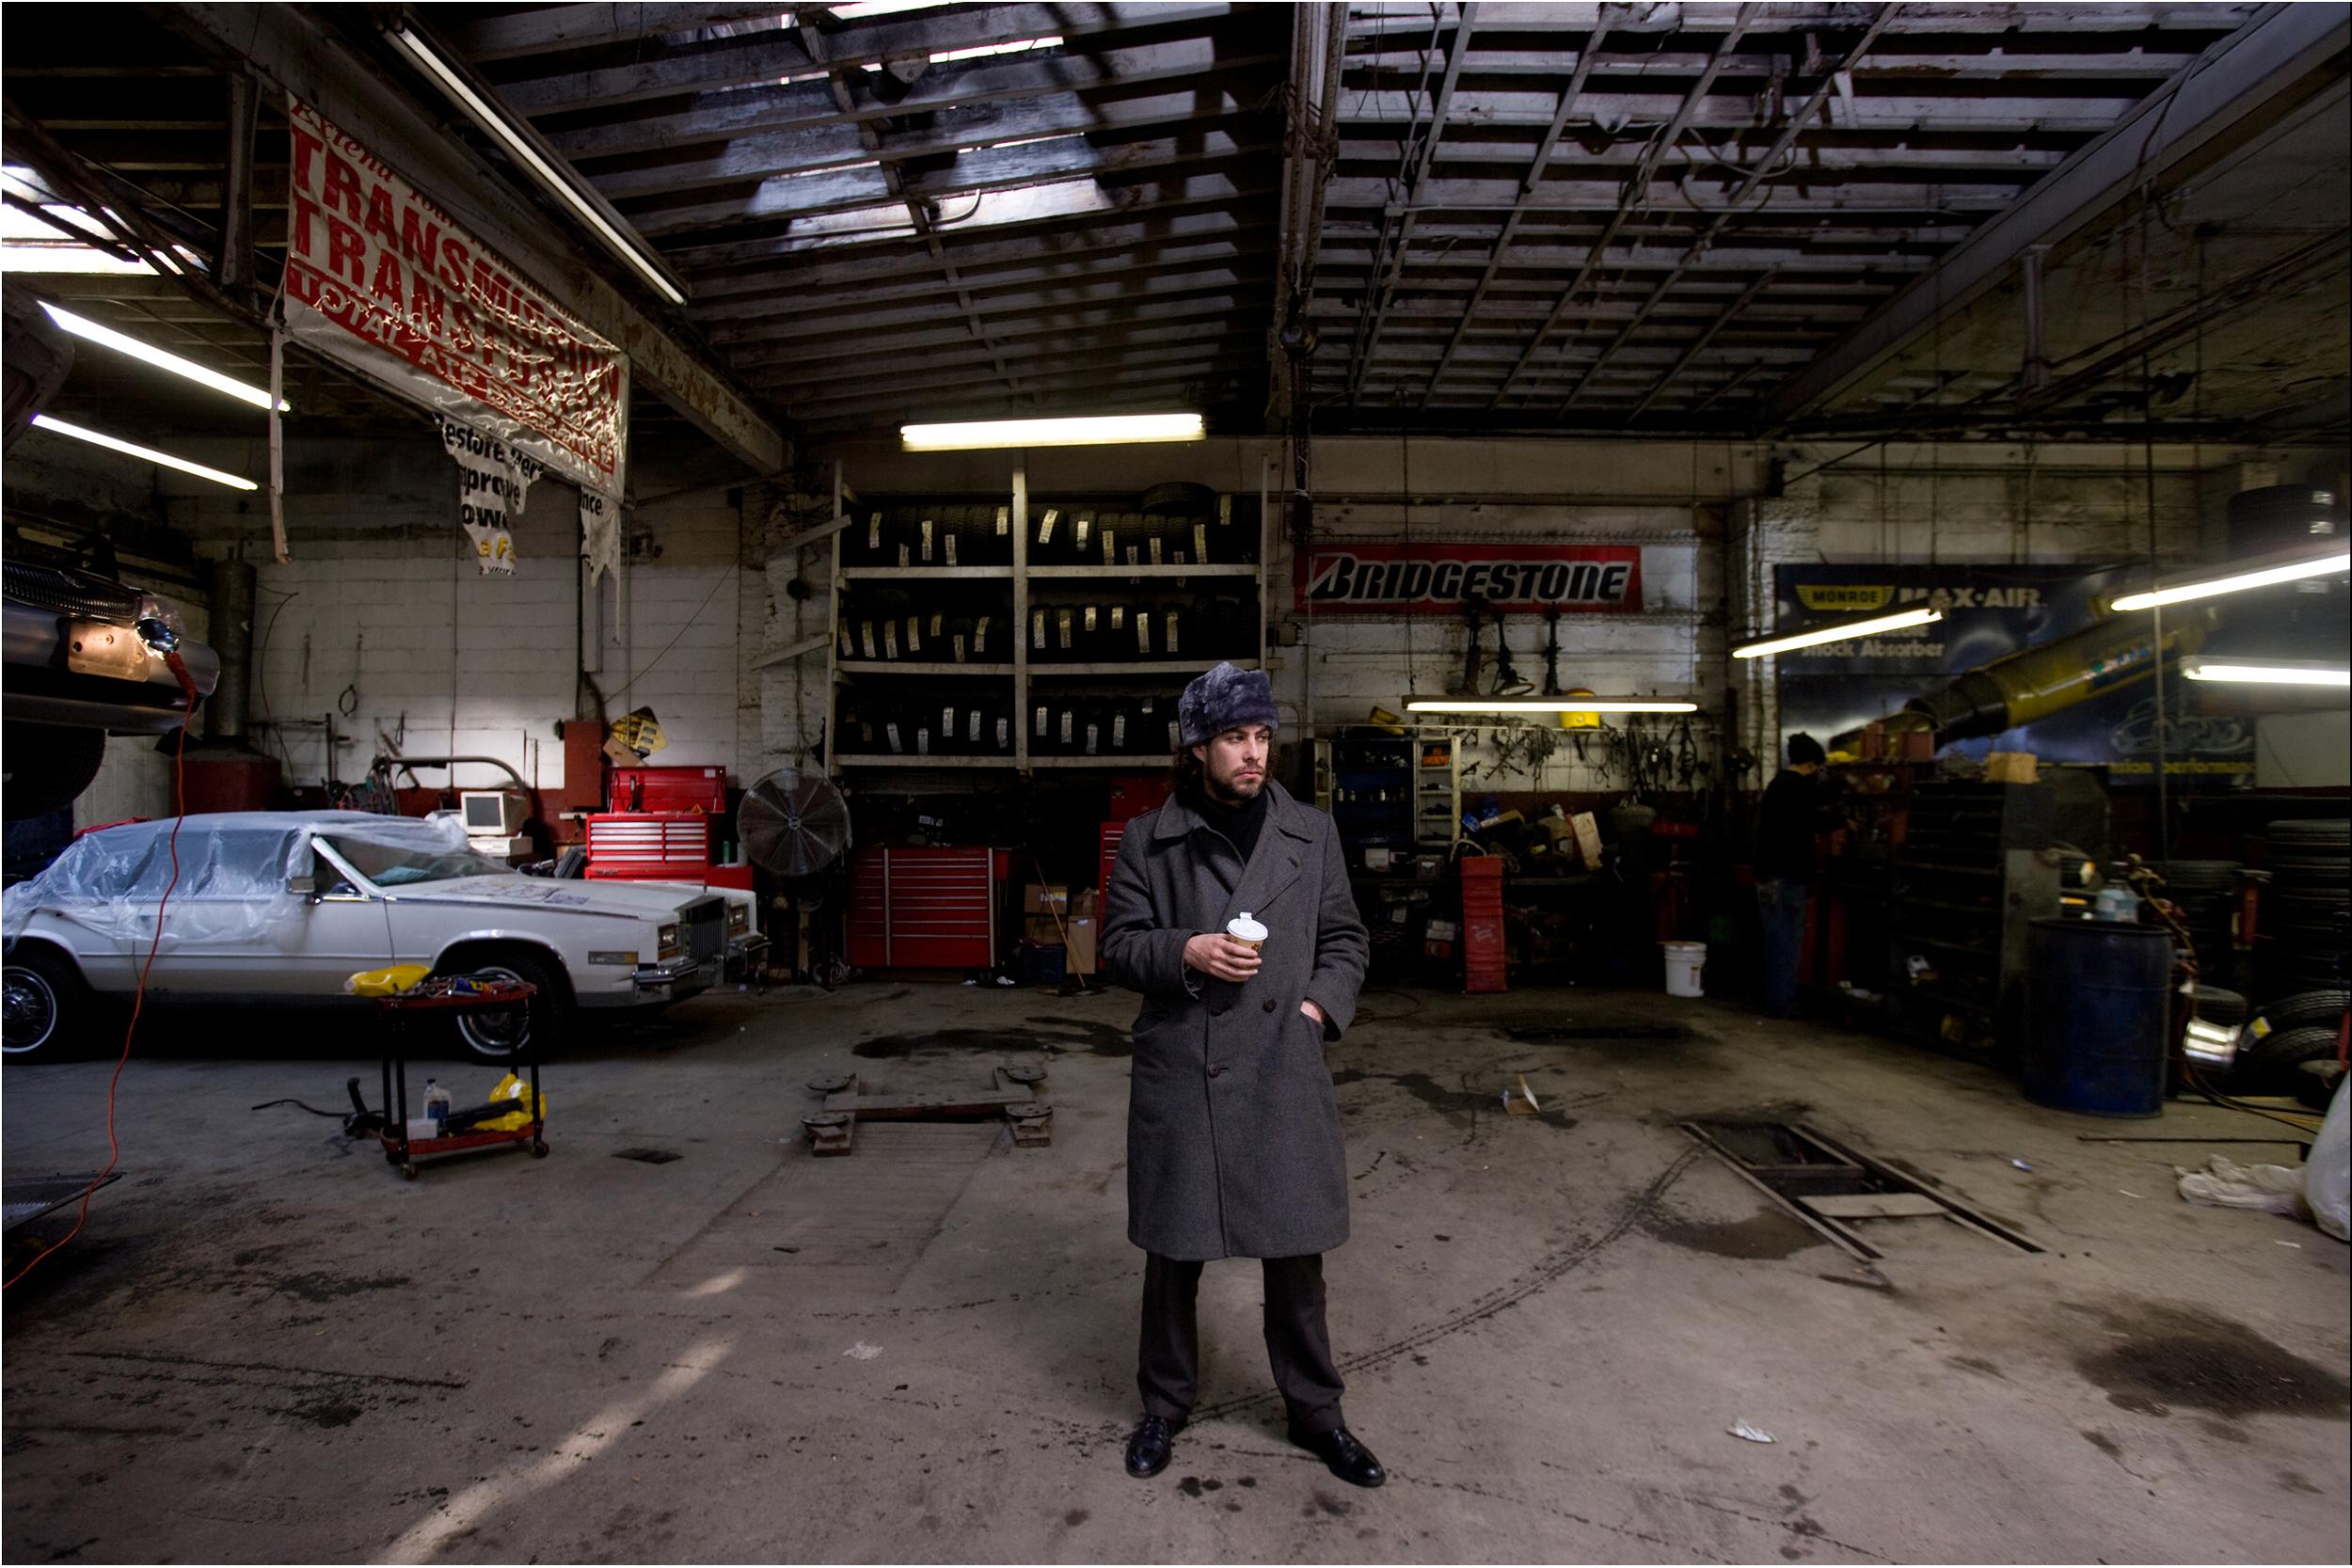 Man in Auto Repair Shop